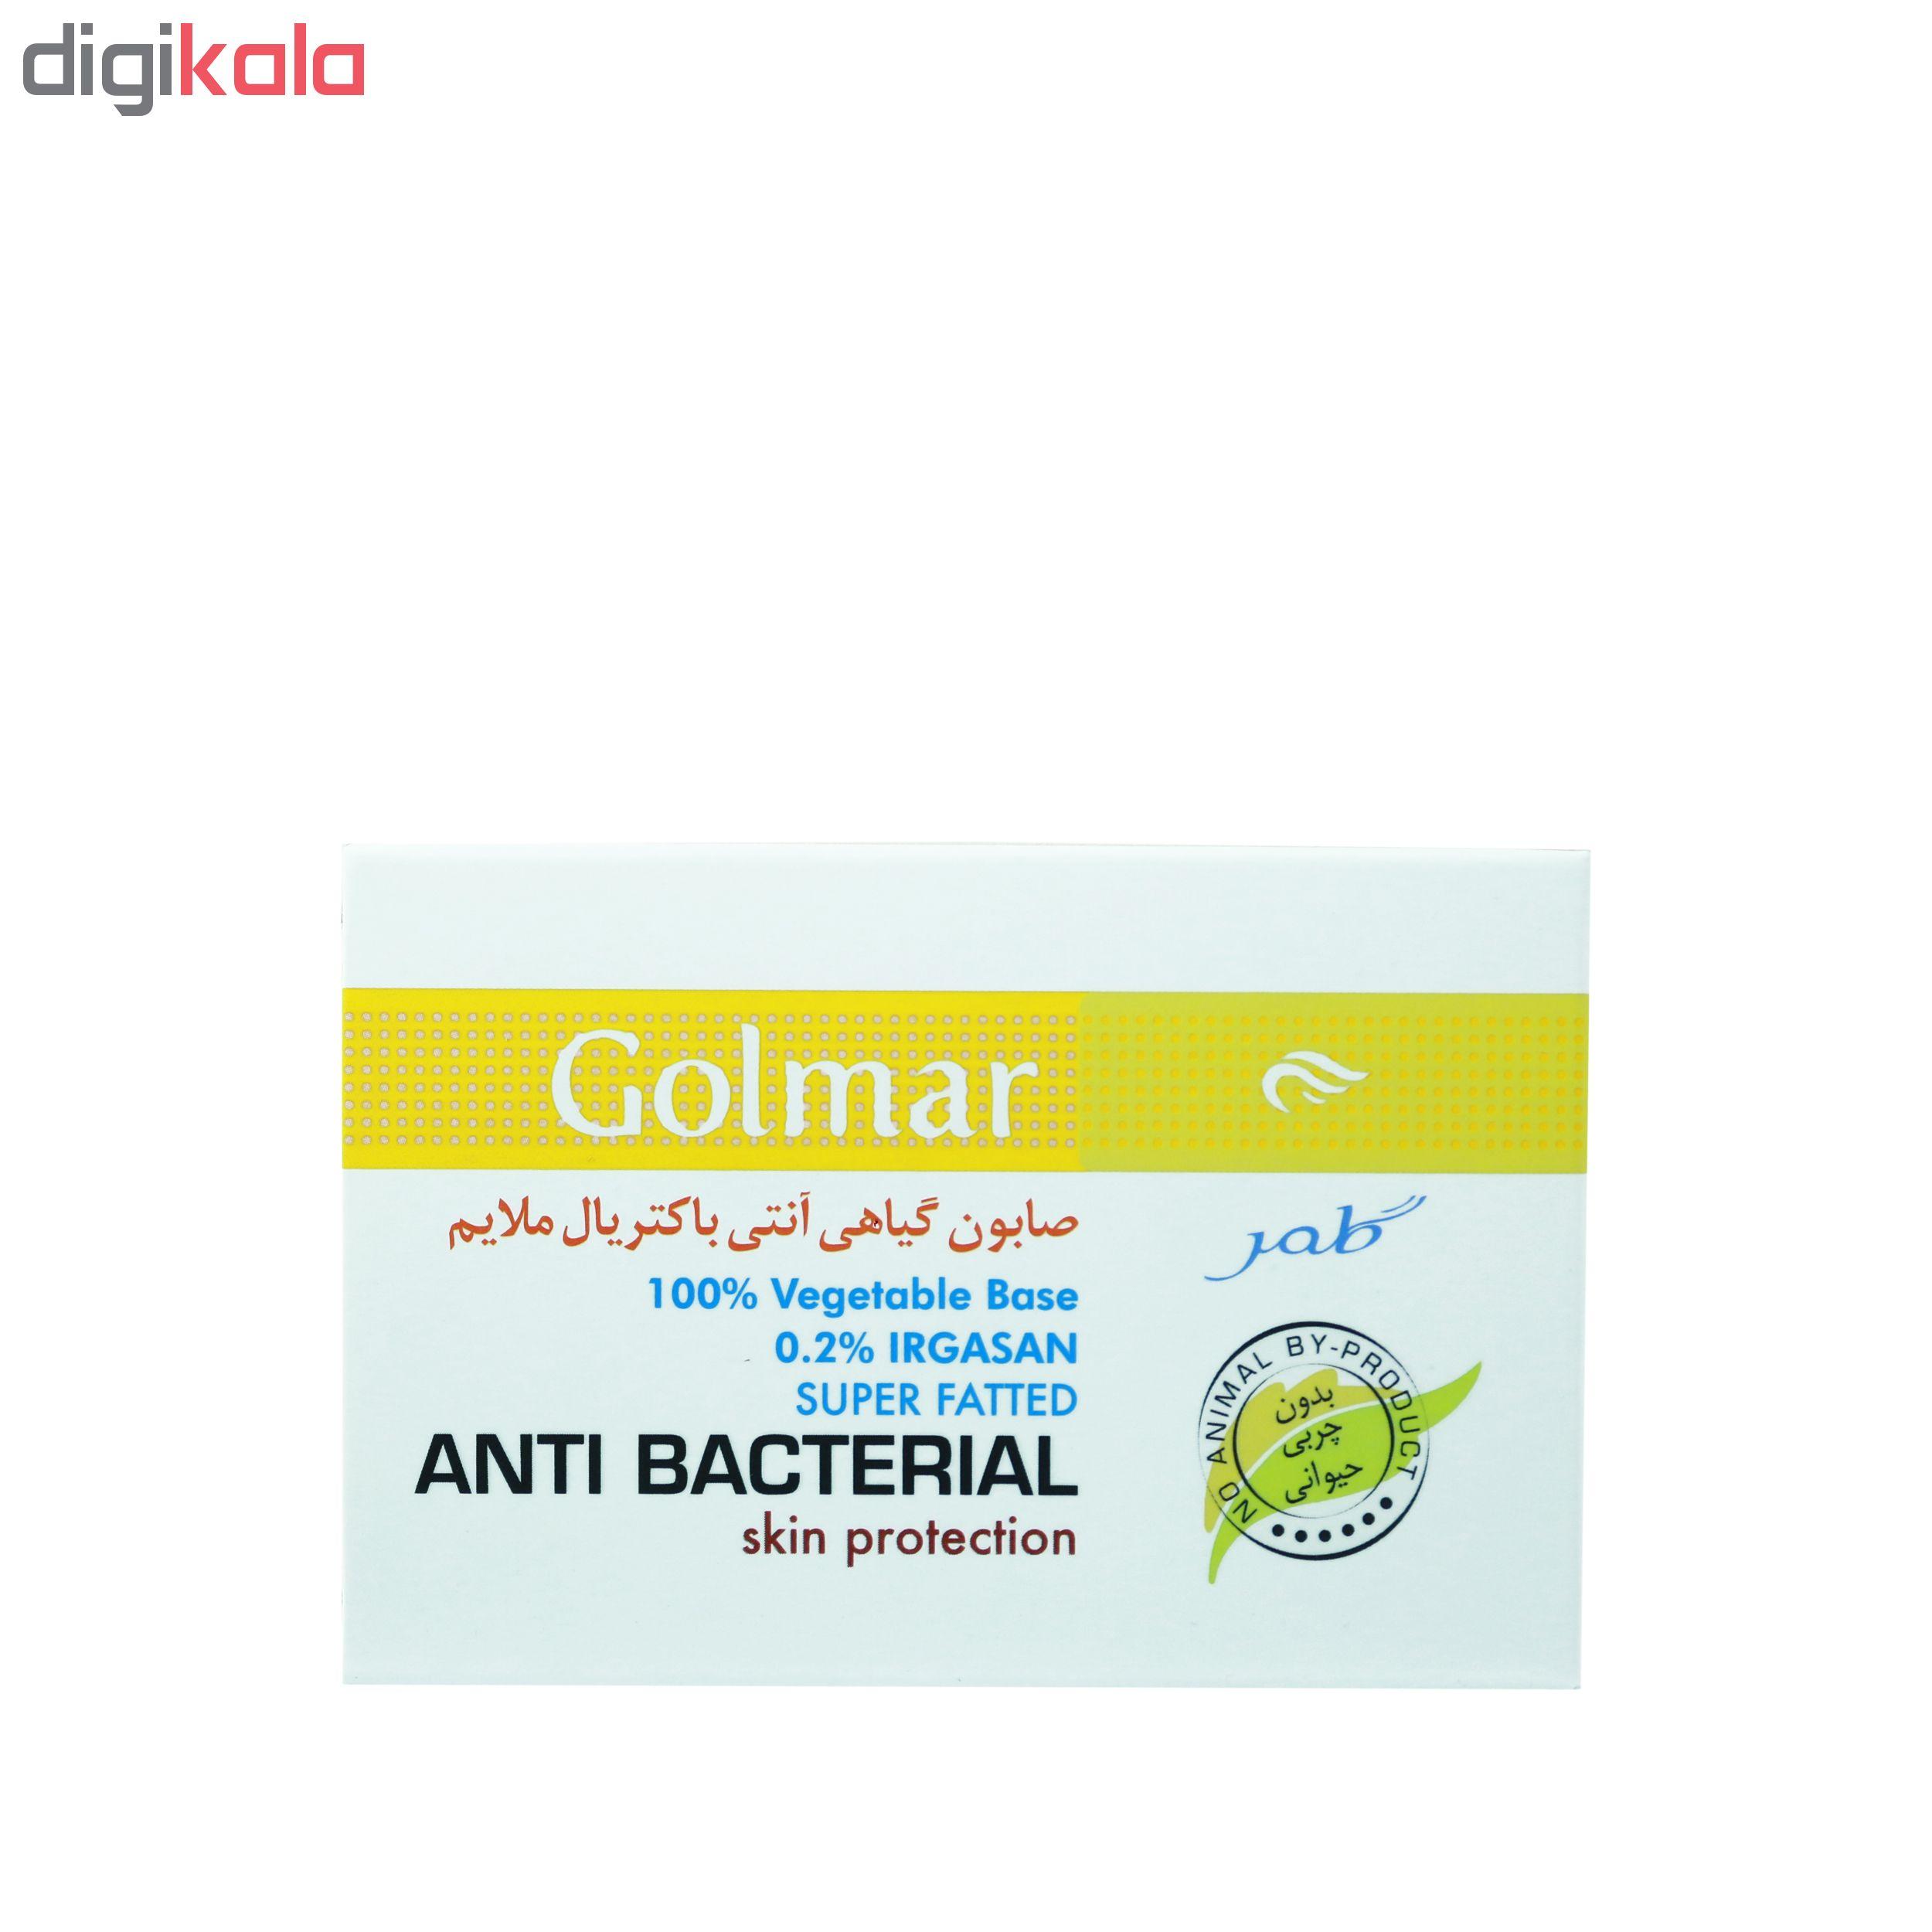 صابون ضد باکتری گلمر کد 003 وزن 115 گرم